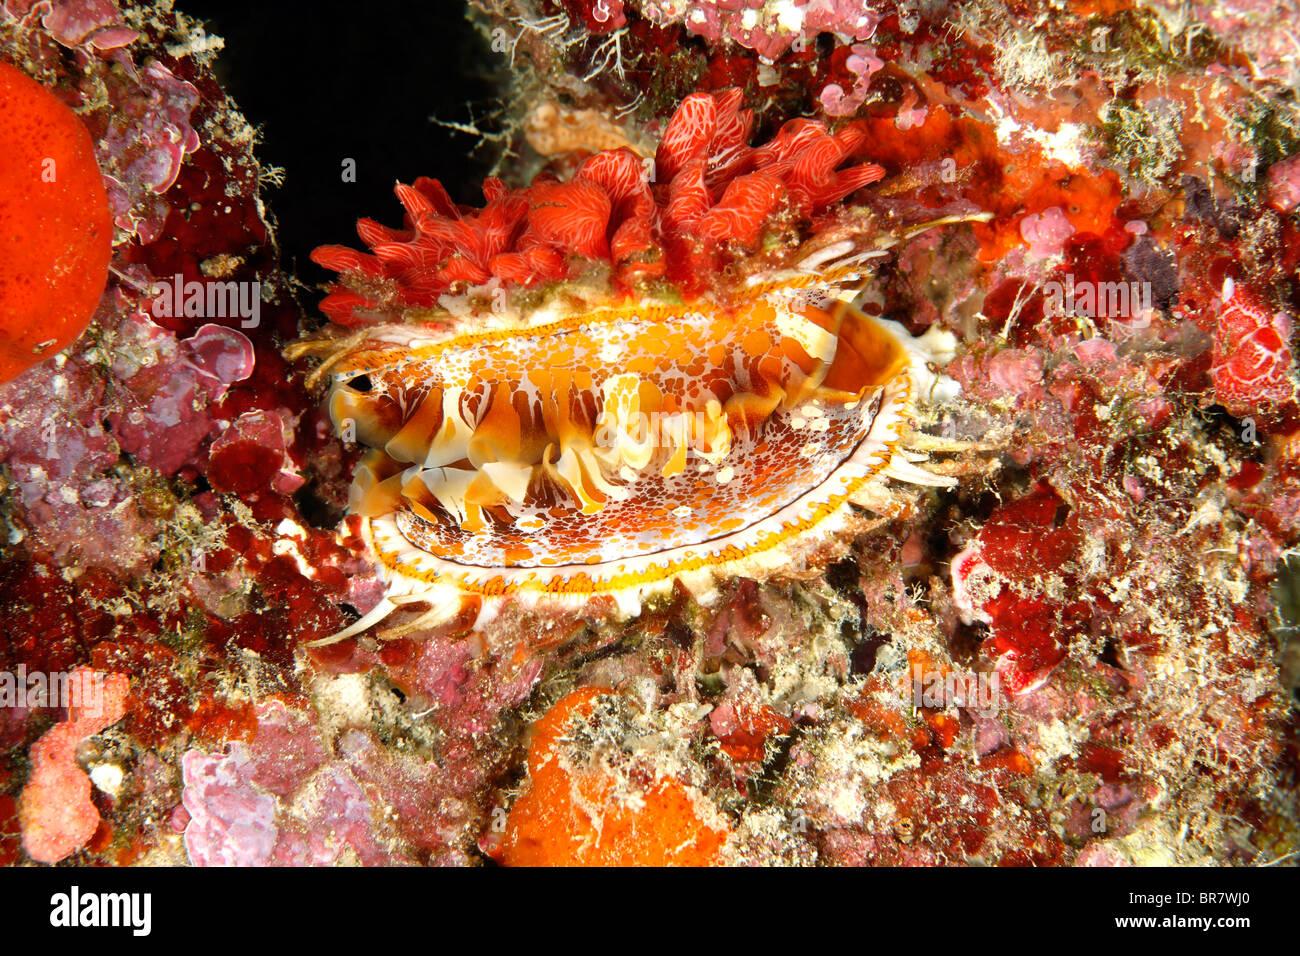 Spondylus ou coquille d'huître épineuse géant, Spondylus varius, montrant le manteau. Précédemment Photo Stock